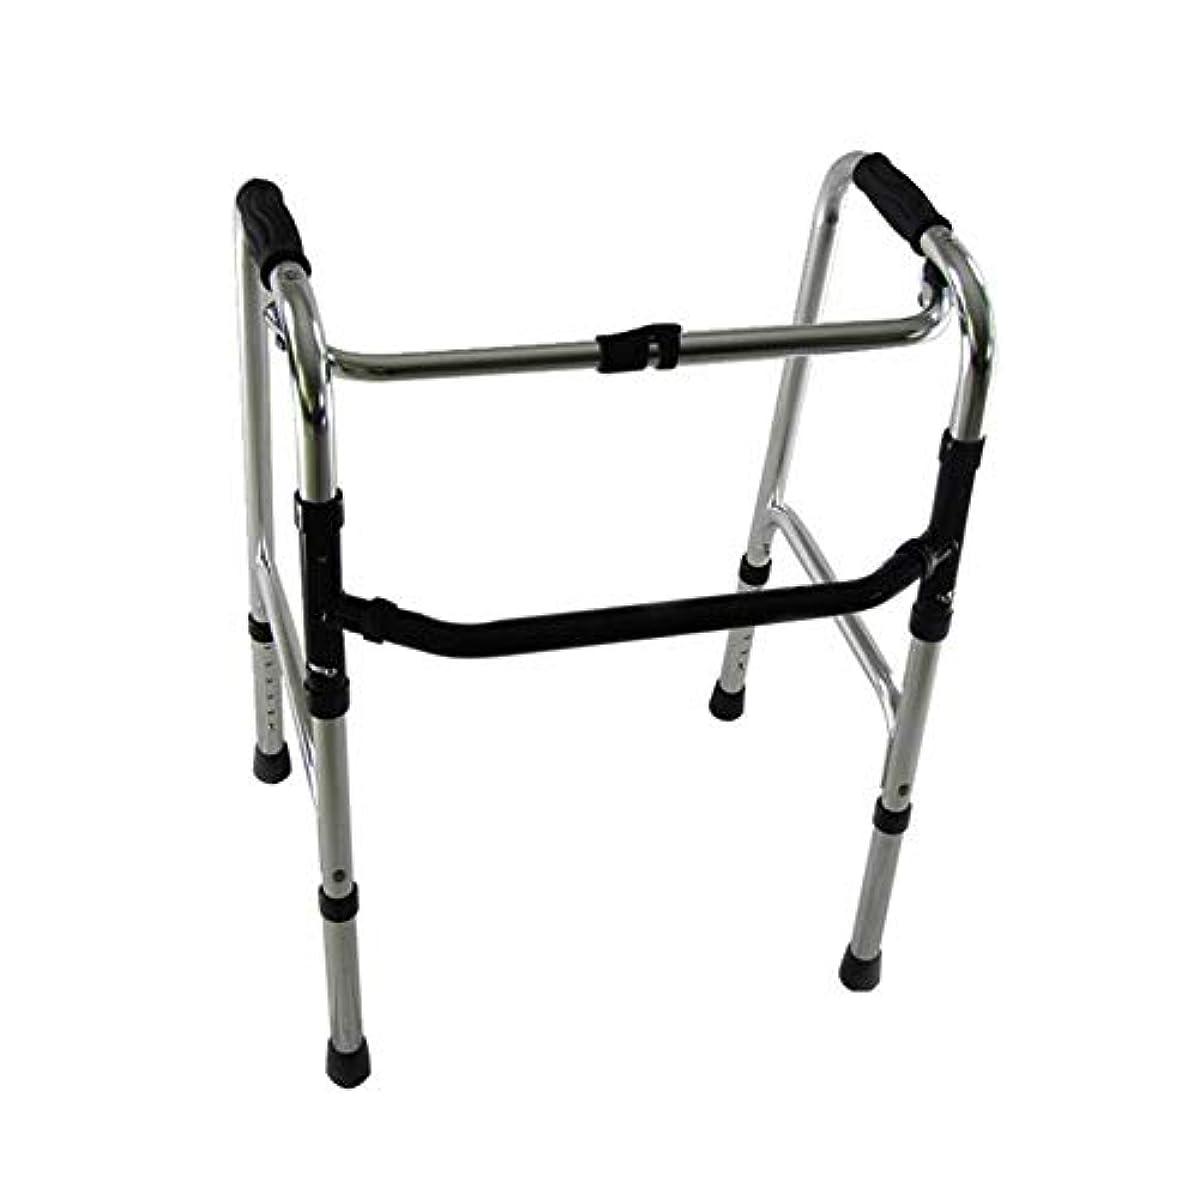 地図視力ロボット高齢者の障害者支援のために調整可能な軽量歩行フレーム折りたたみアルミニウムの高さ